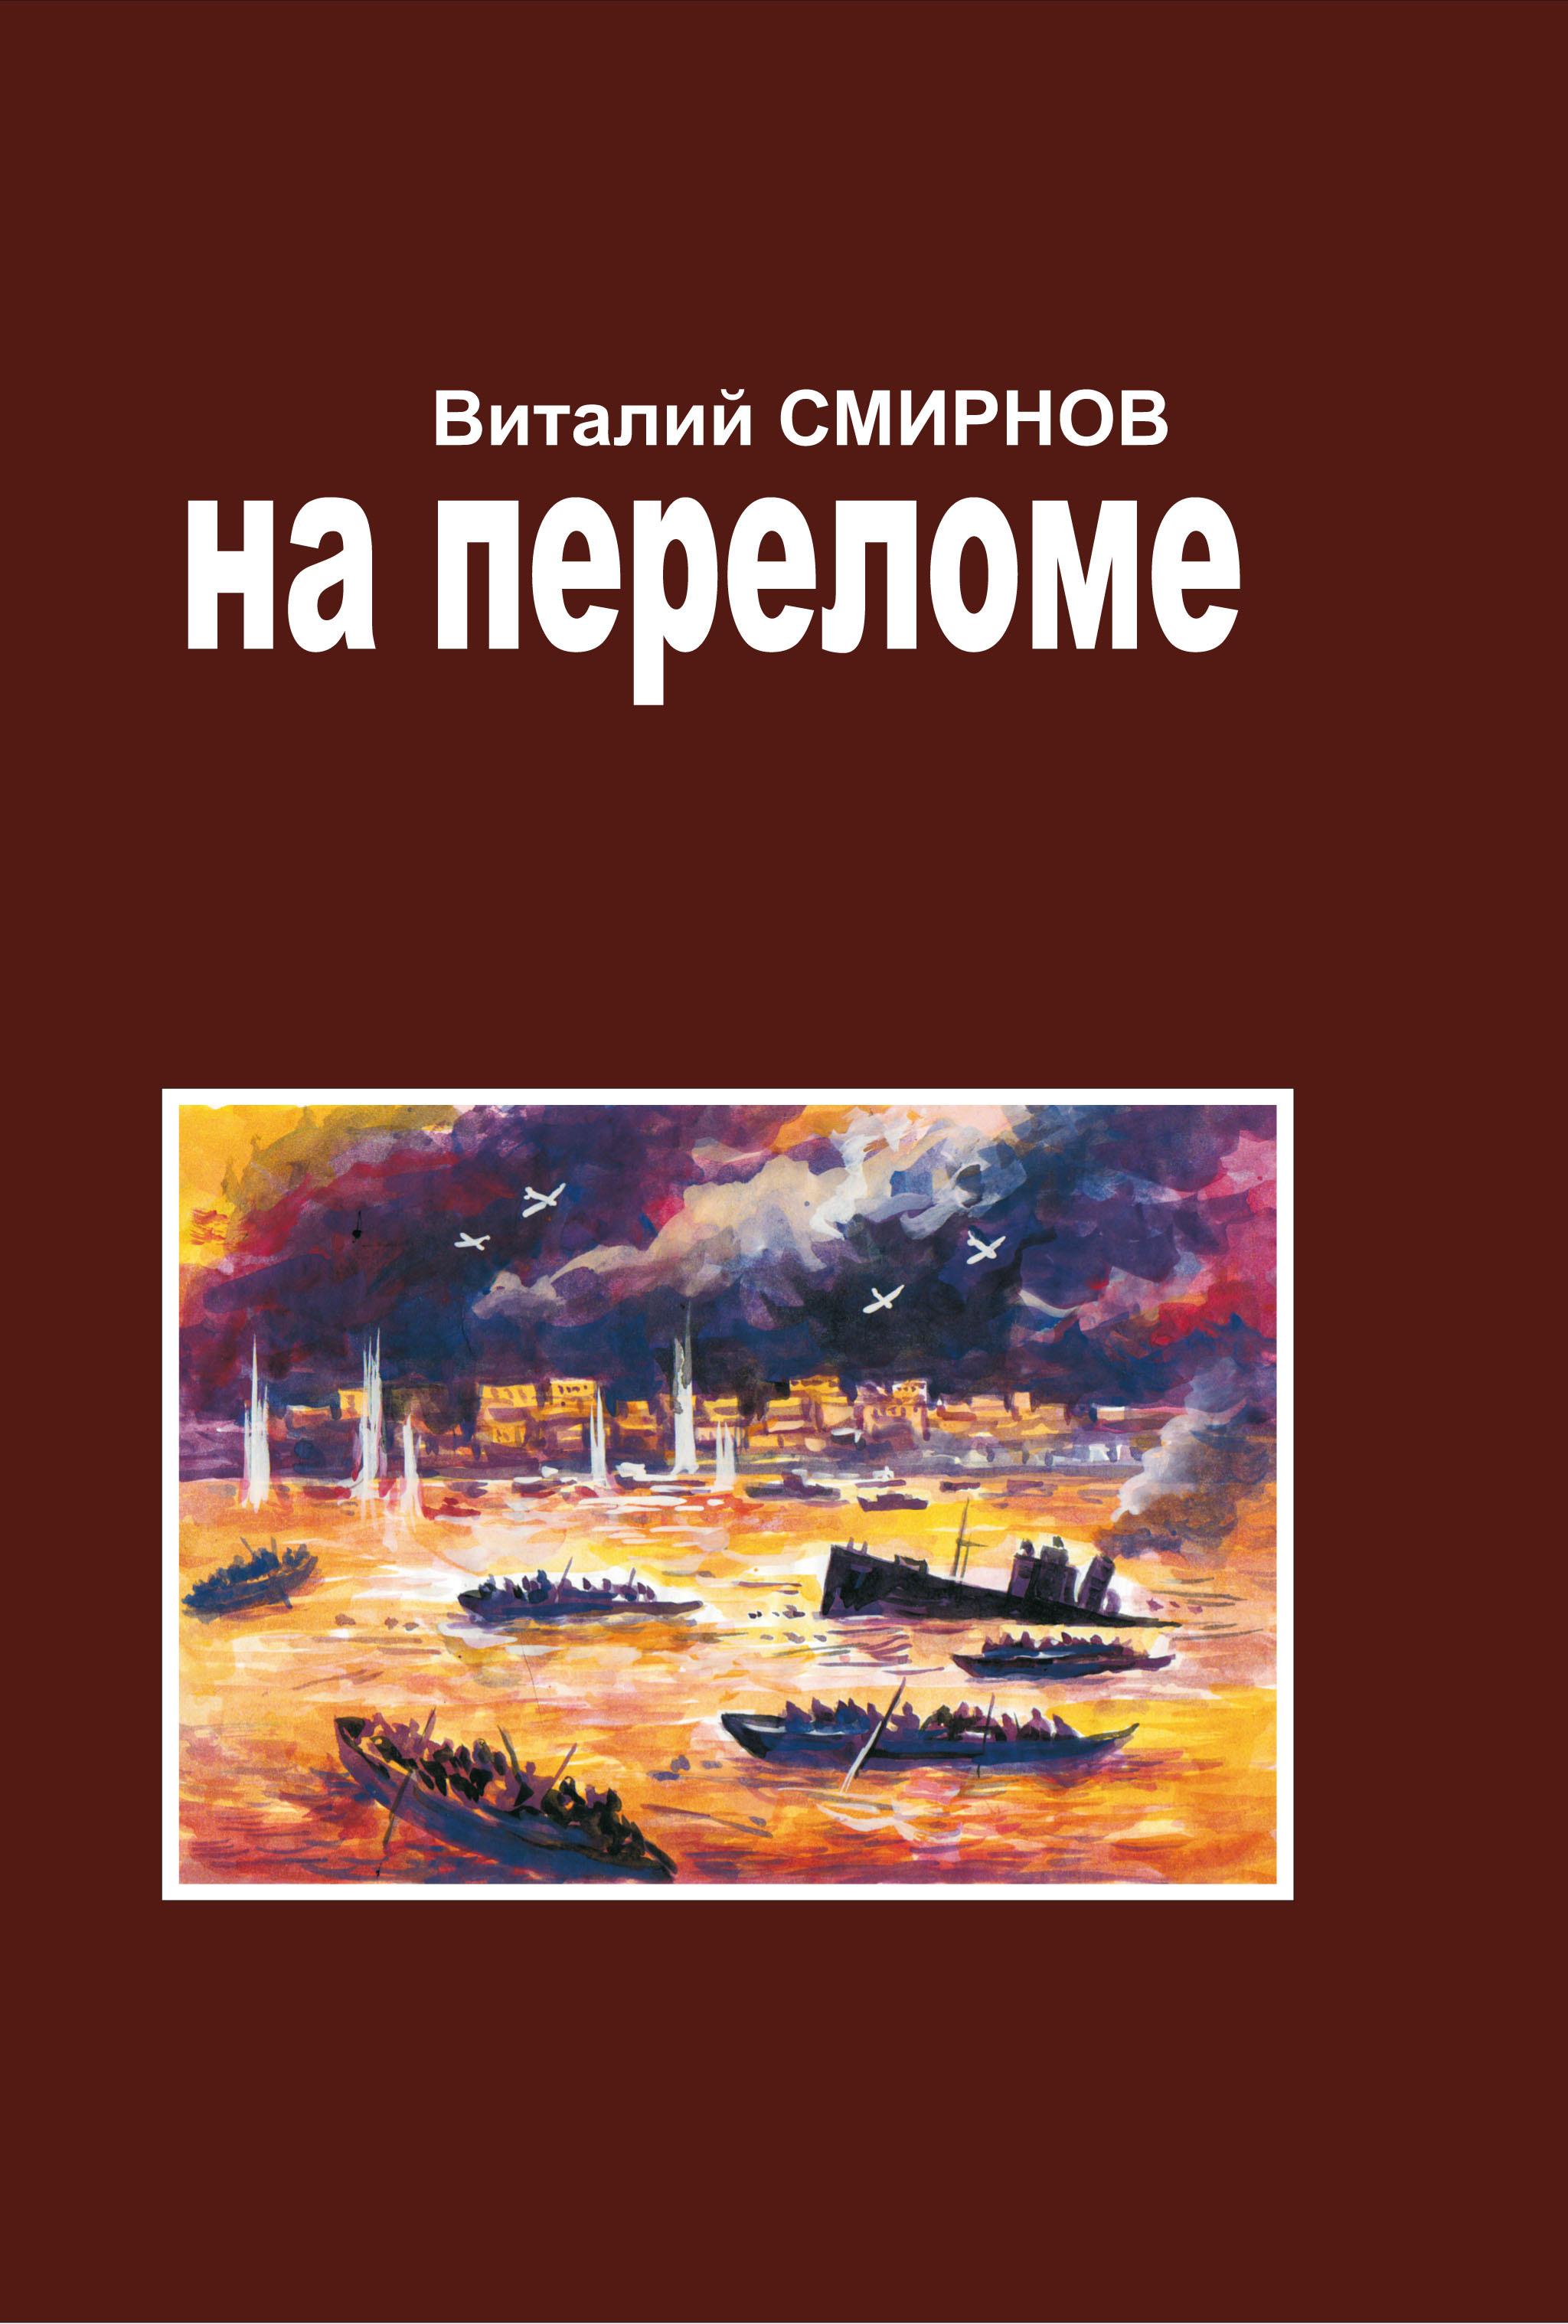 Виталий Смирнов - На переломе